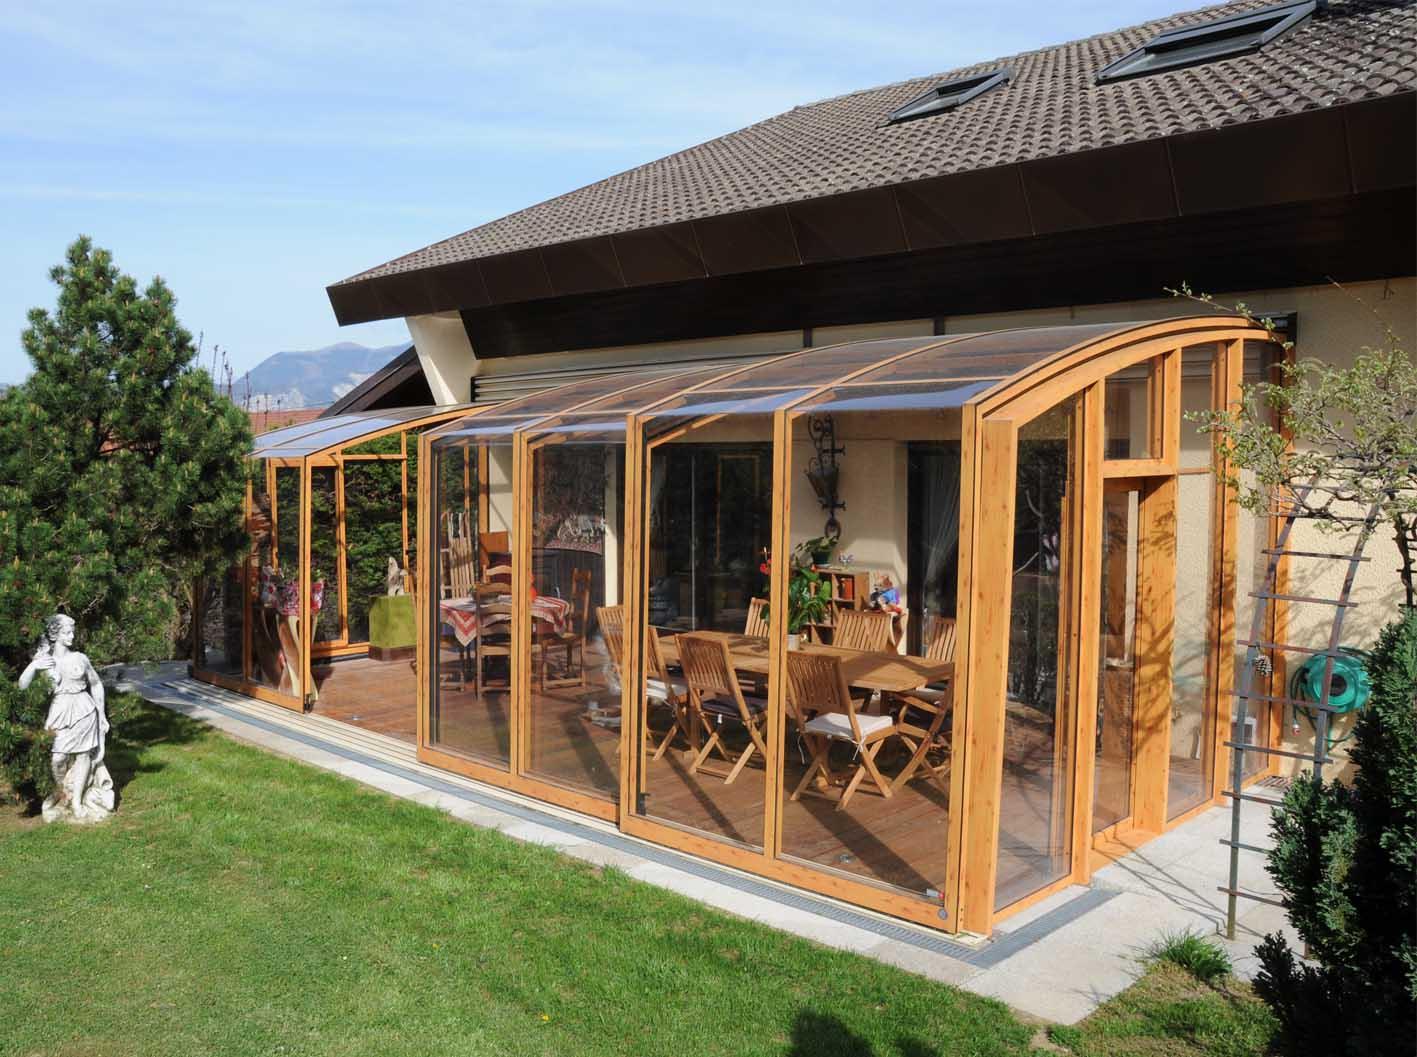 Abri Pour Terrasse Mia 17 – Exterieurs.design avec Abri Pour Terrasse